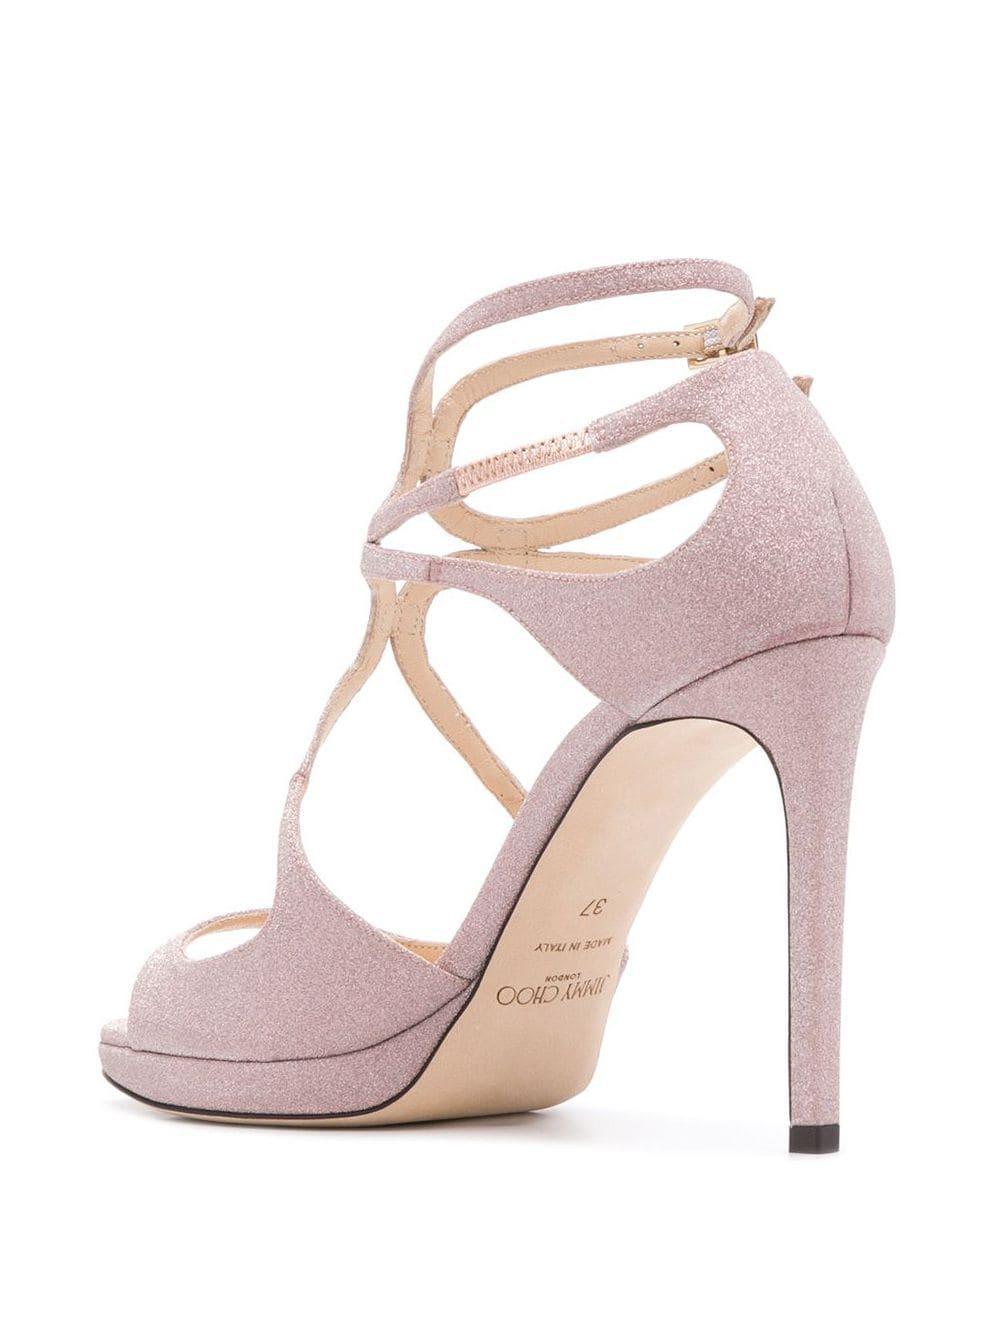 Sandales à talon aiguille Cuir Jimmy Choo en coloris Rose